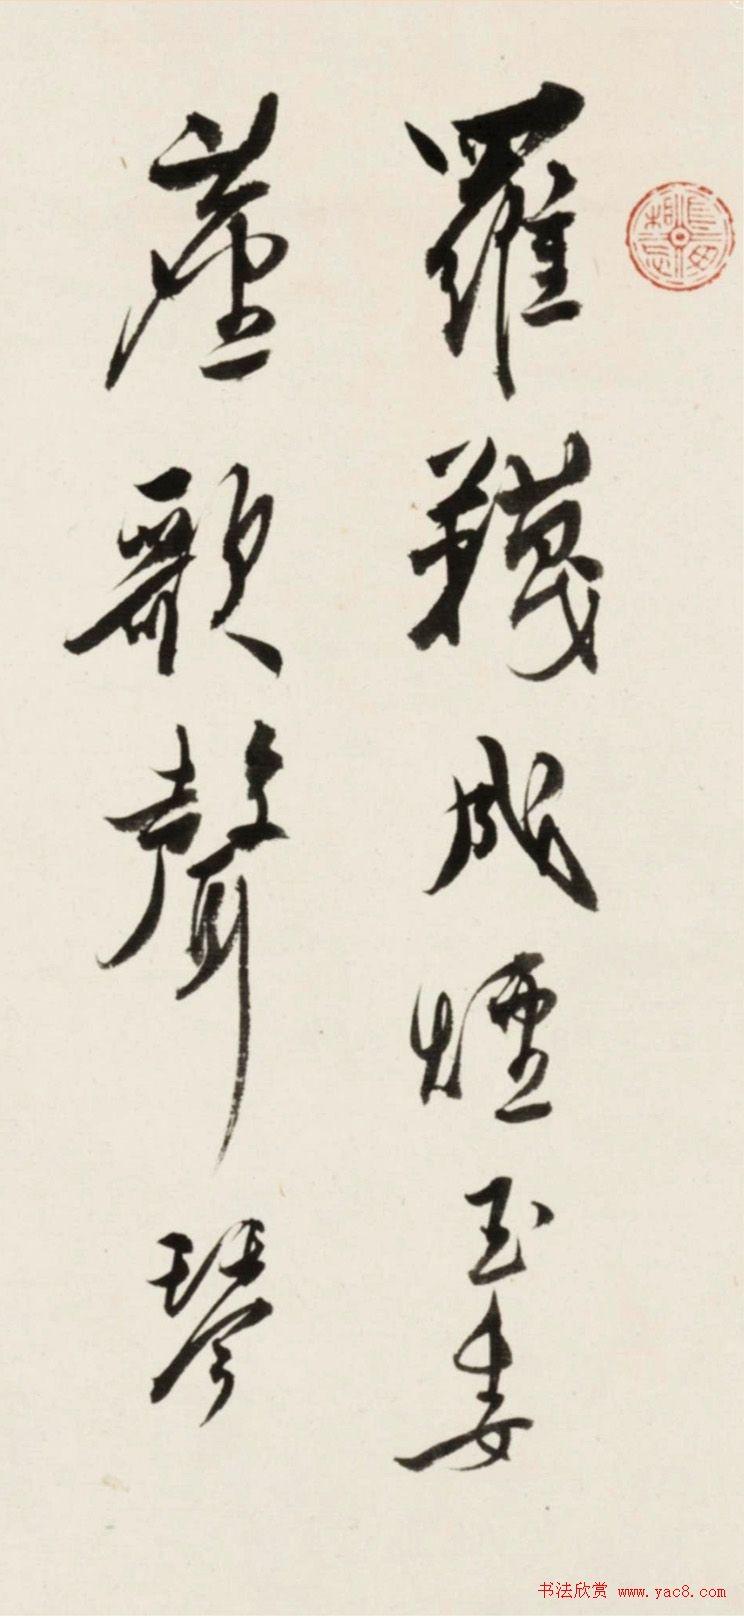 溥儒书法为张大千题《武陵春色》